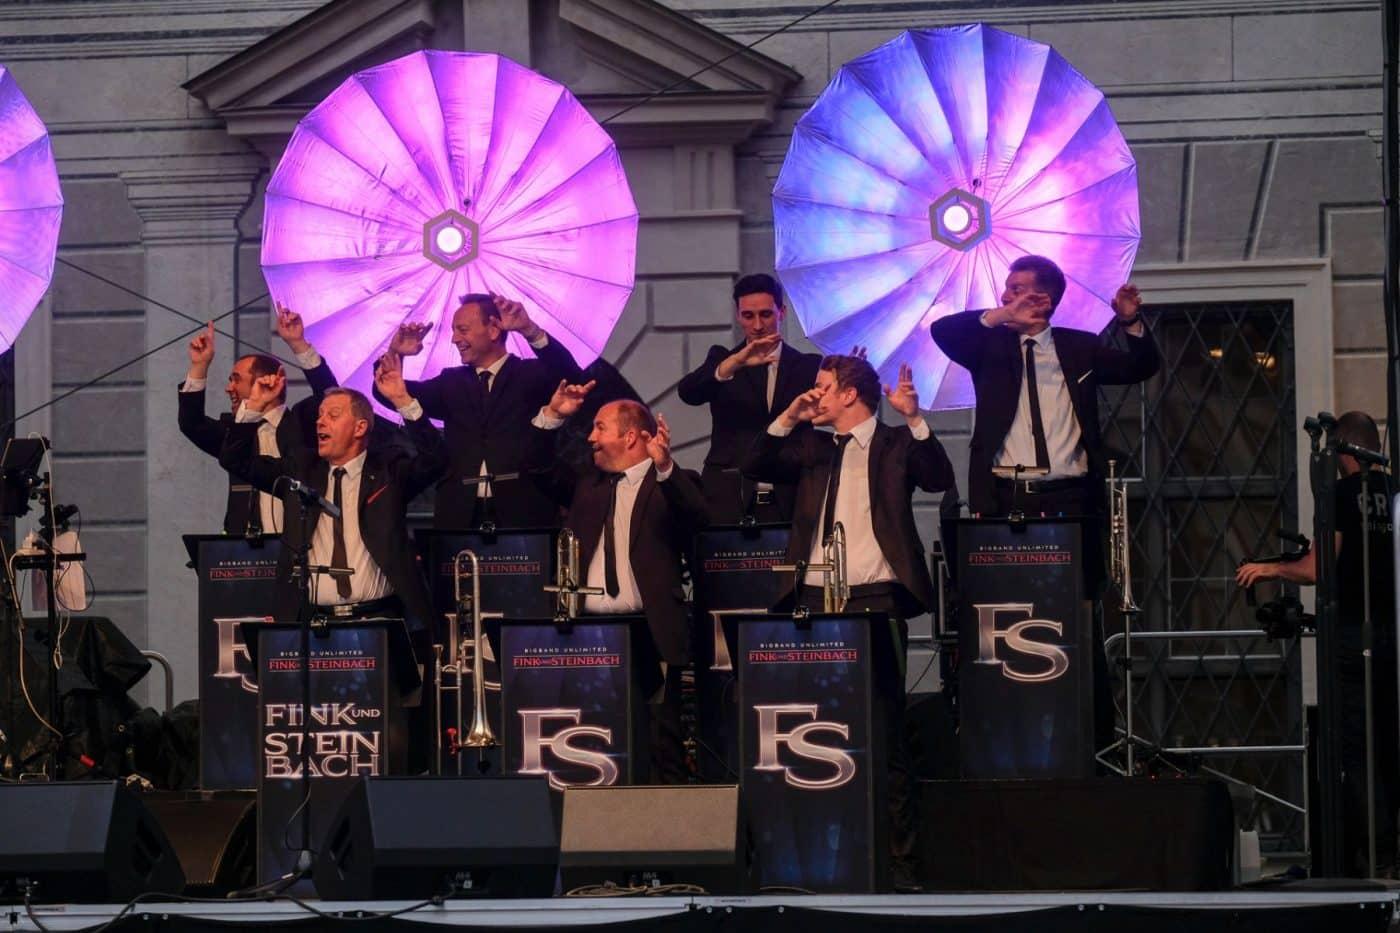 Die komplette STEINBACH Band tanzt zu Up Town Funk.